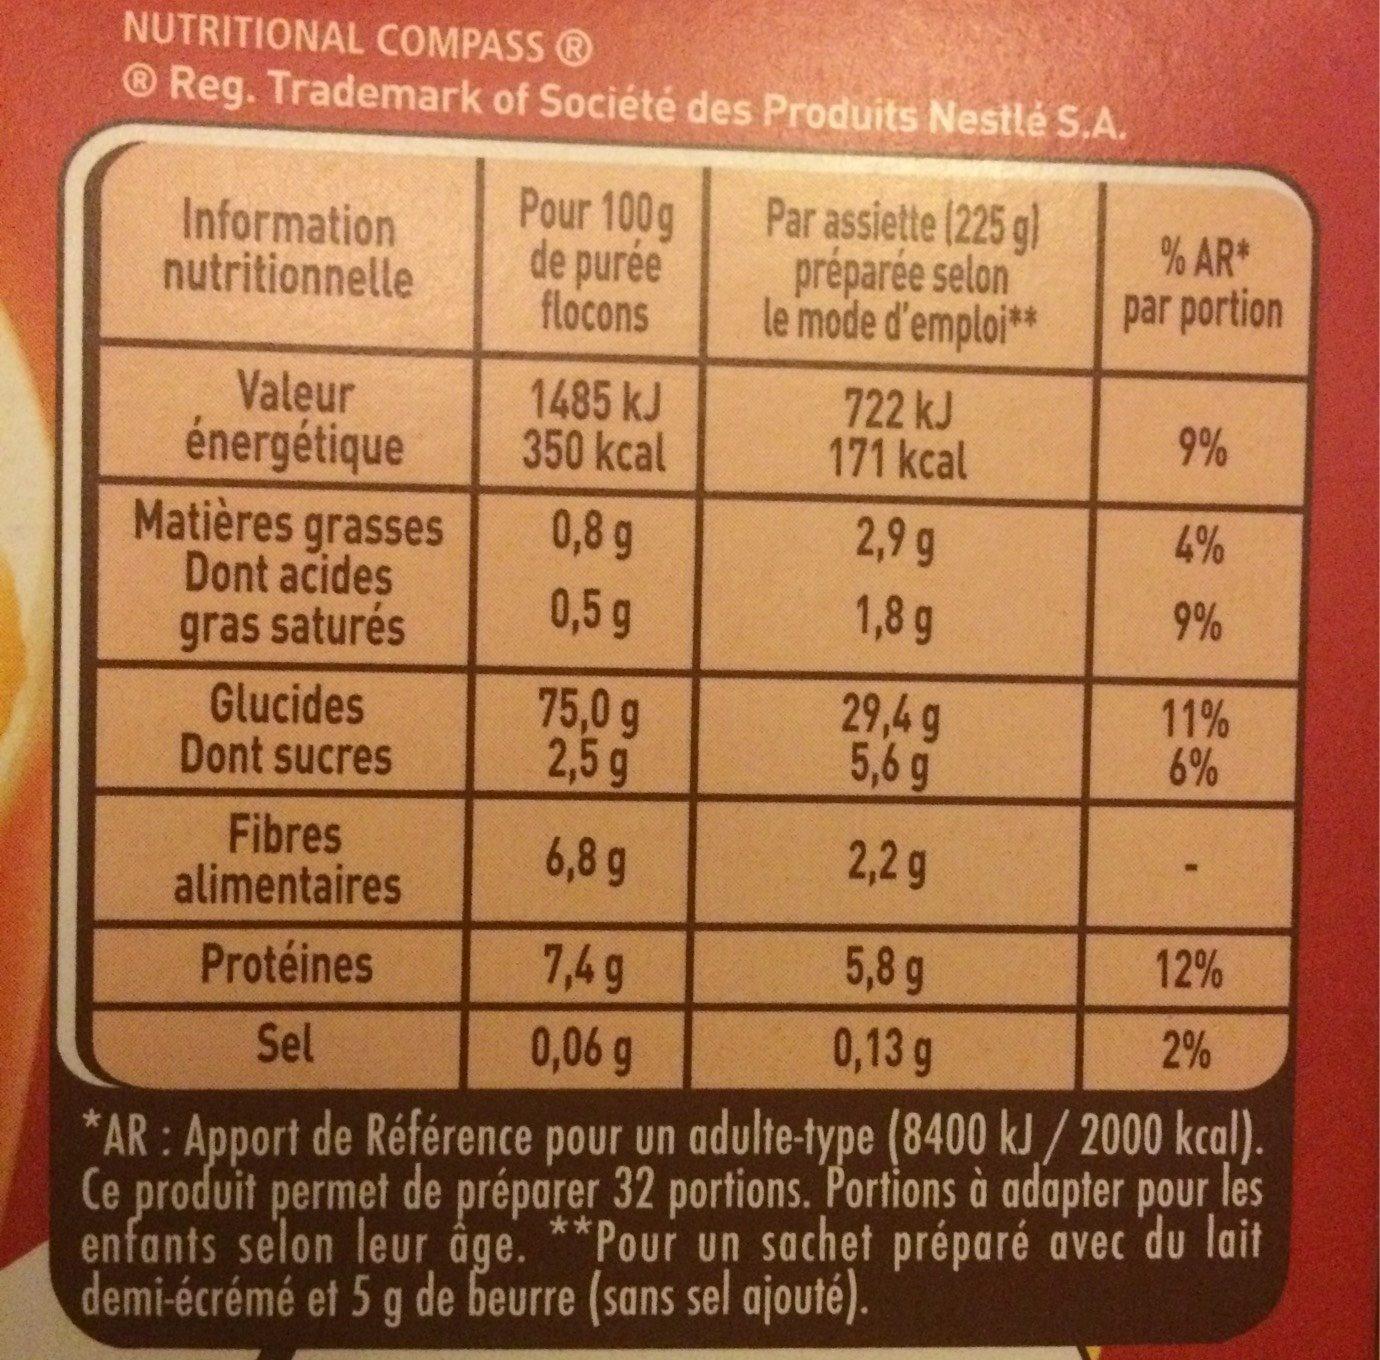 MOUSLINE Purée Nature, 8 sachets pour 4 personnes (8x130g) - Informations nutritionnelles - fr